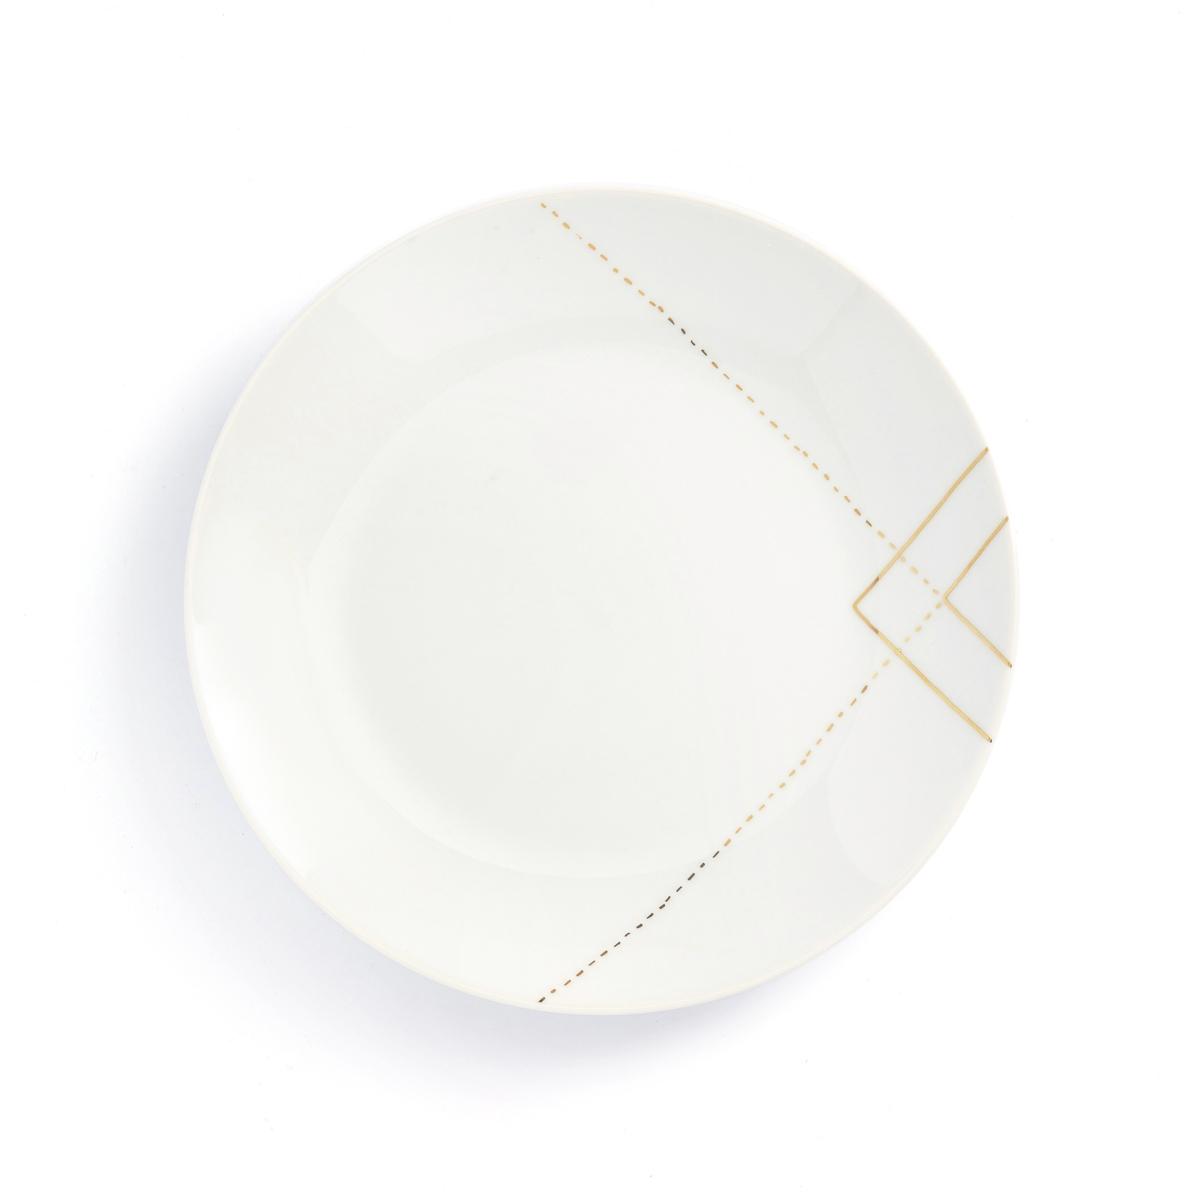 Тарелки La Redoute Десертные SOLAINE единый размер белый